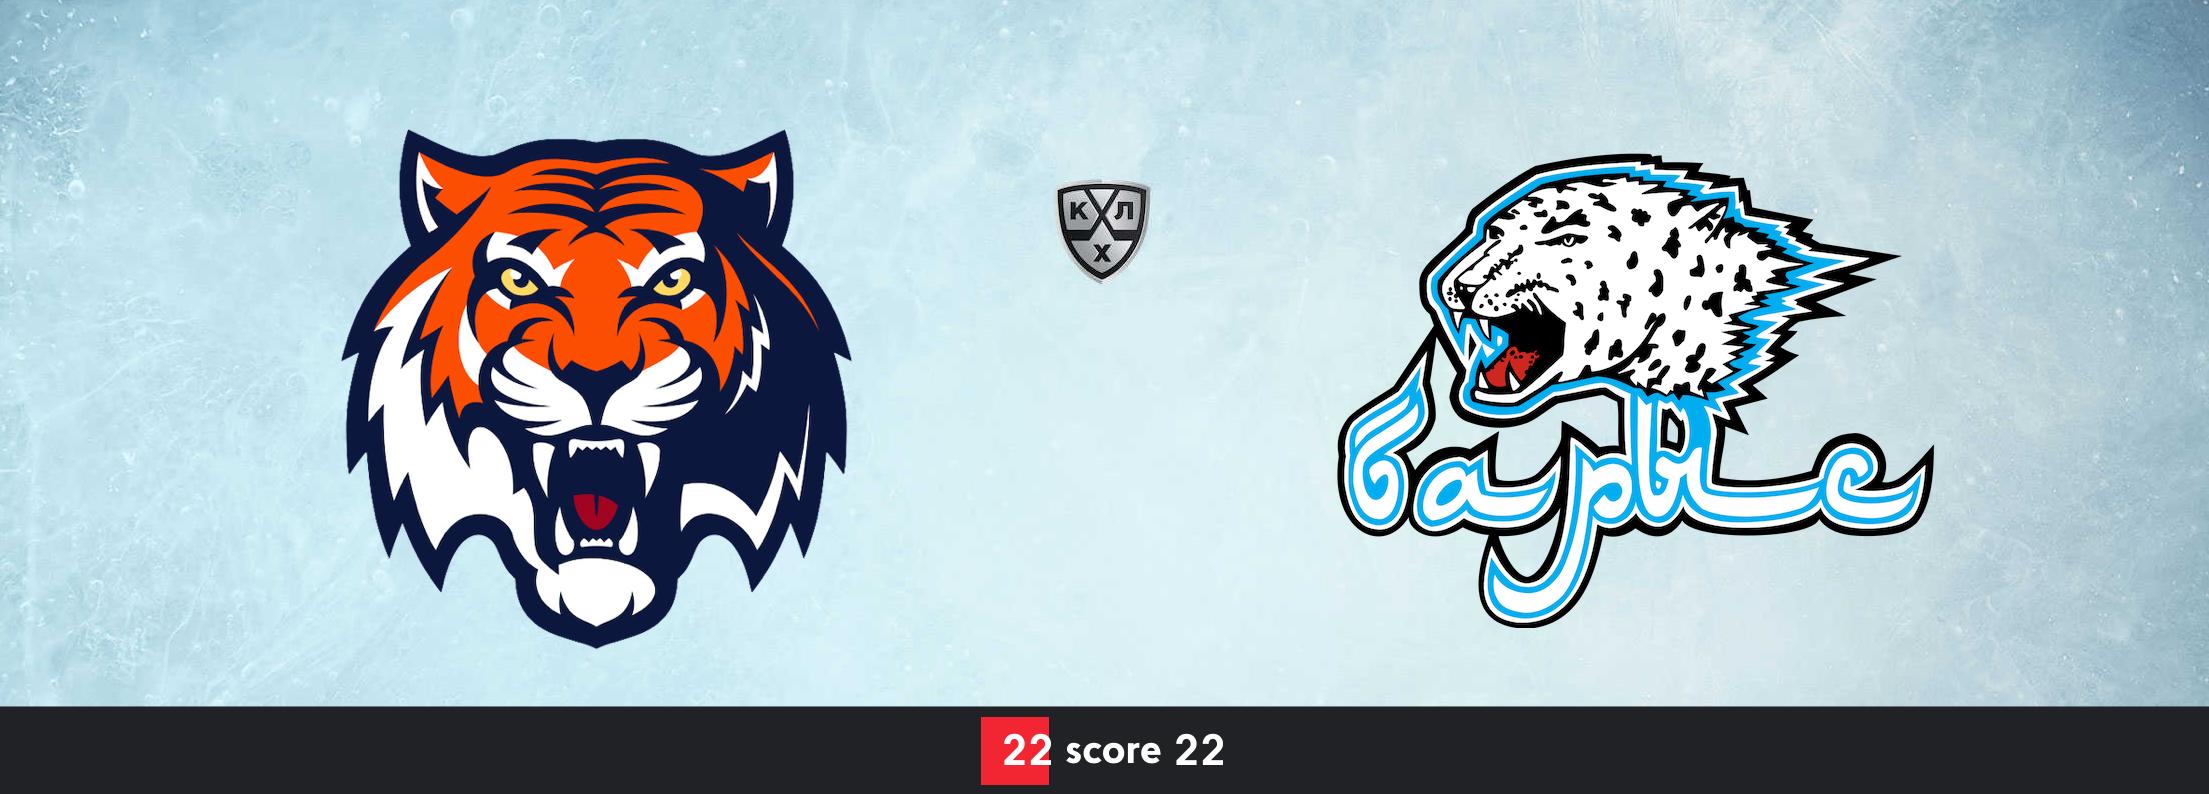 Хоккей  онлайн  КХЛ. Амур — Барыс 06.01.2021